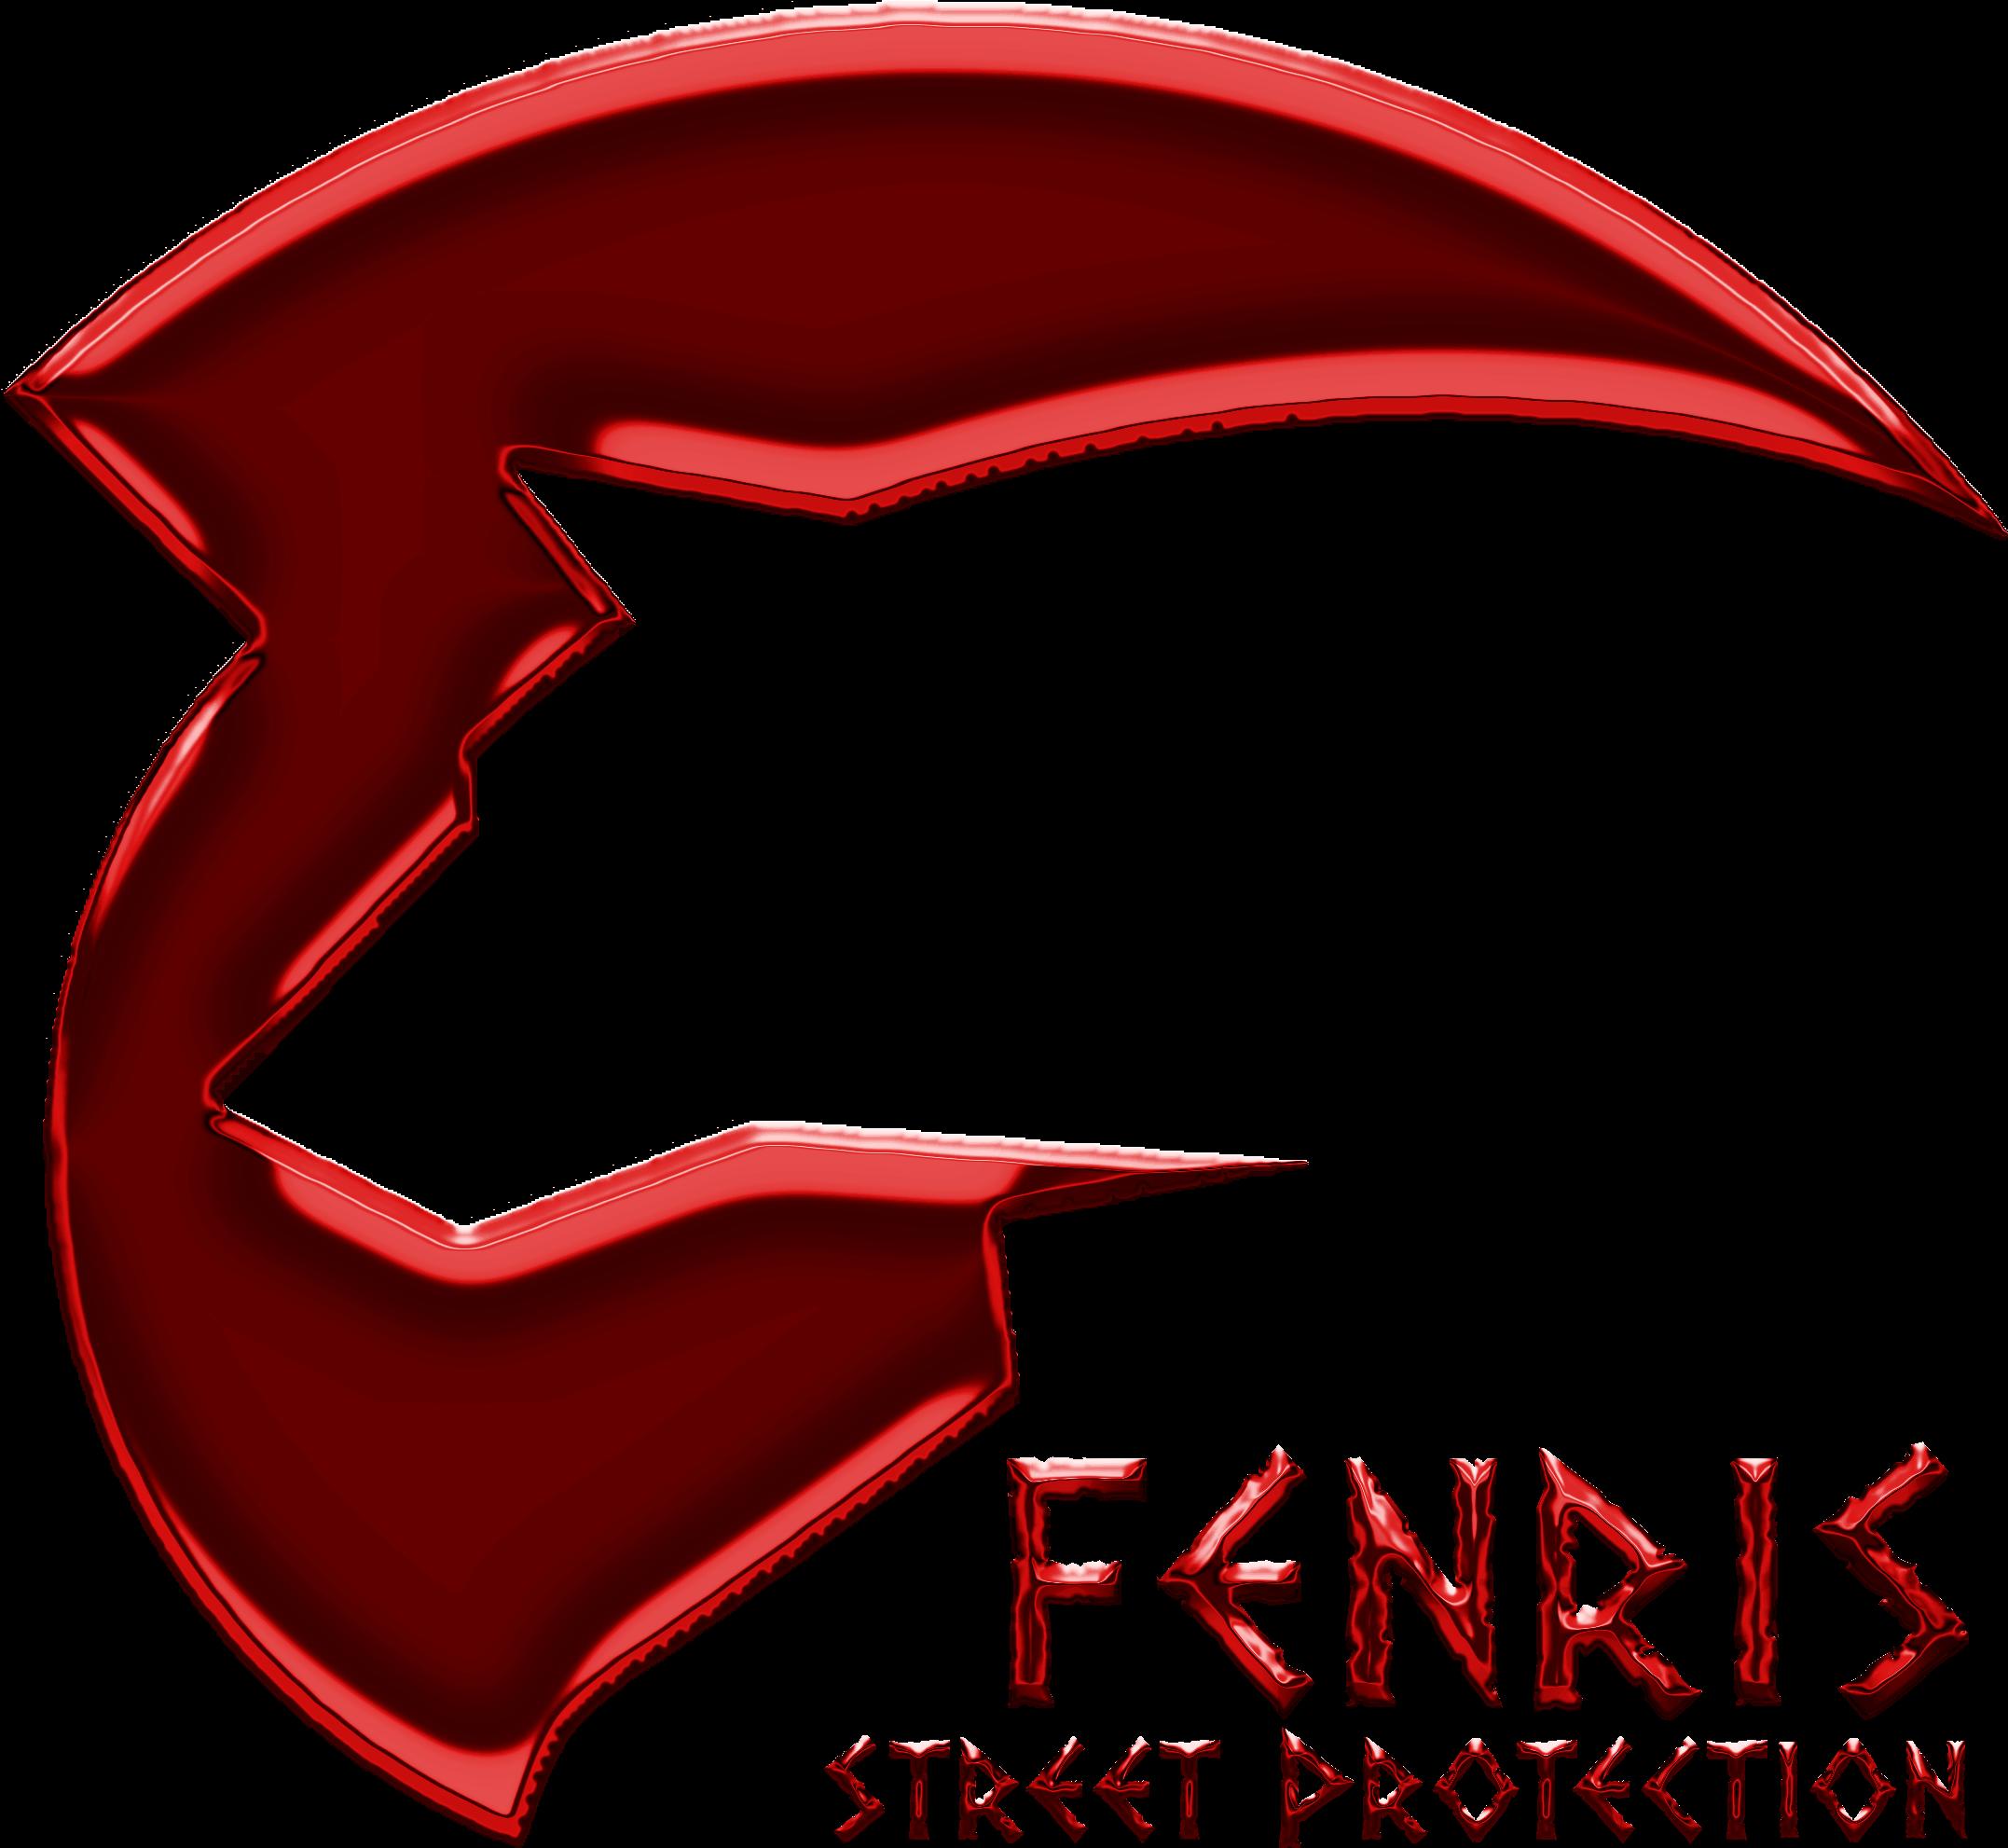 FENRIS STREET PROTECTION